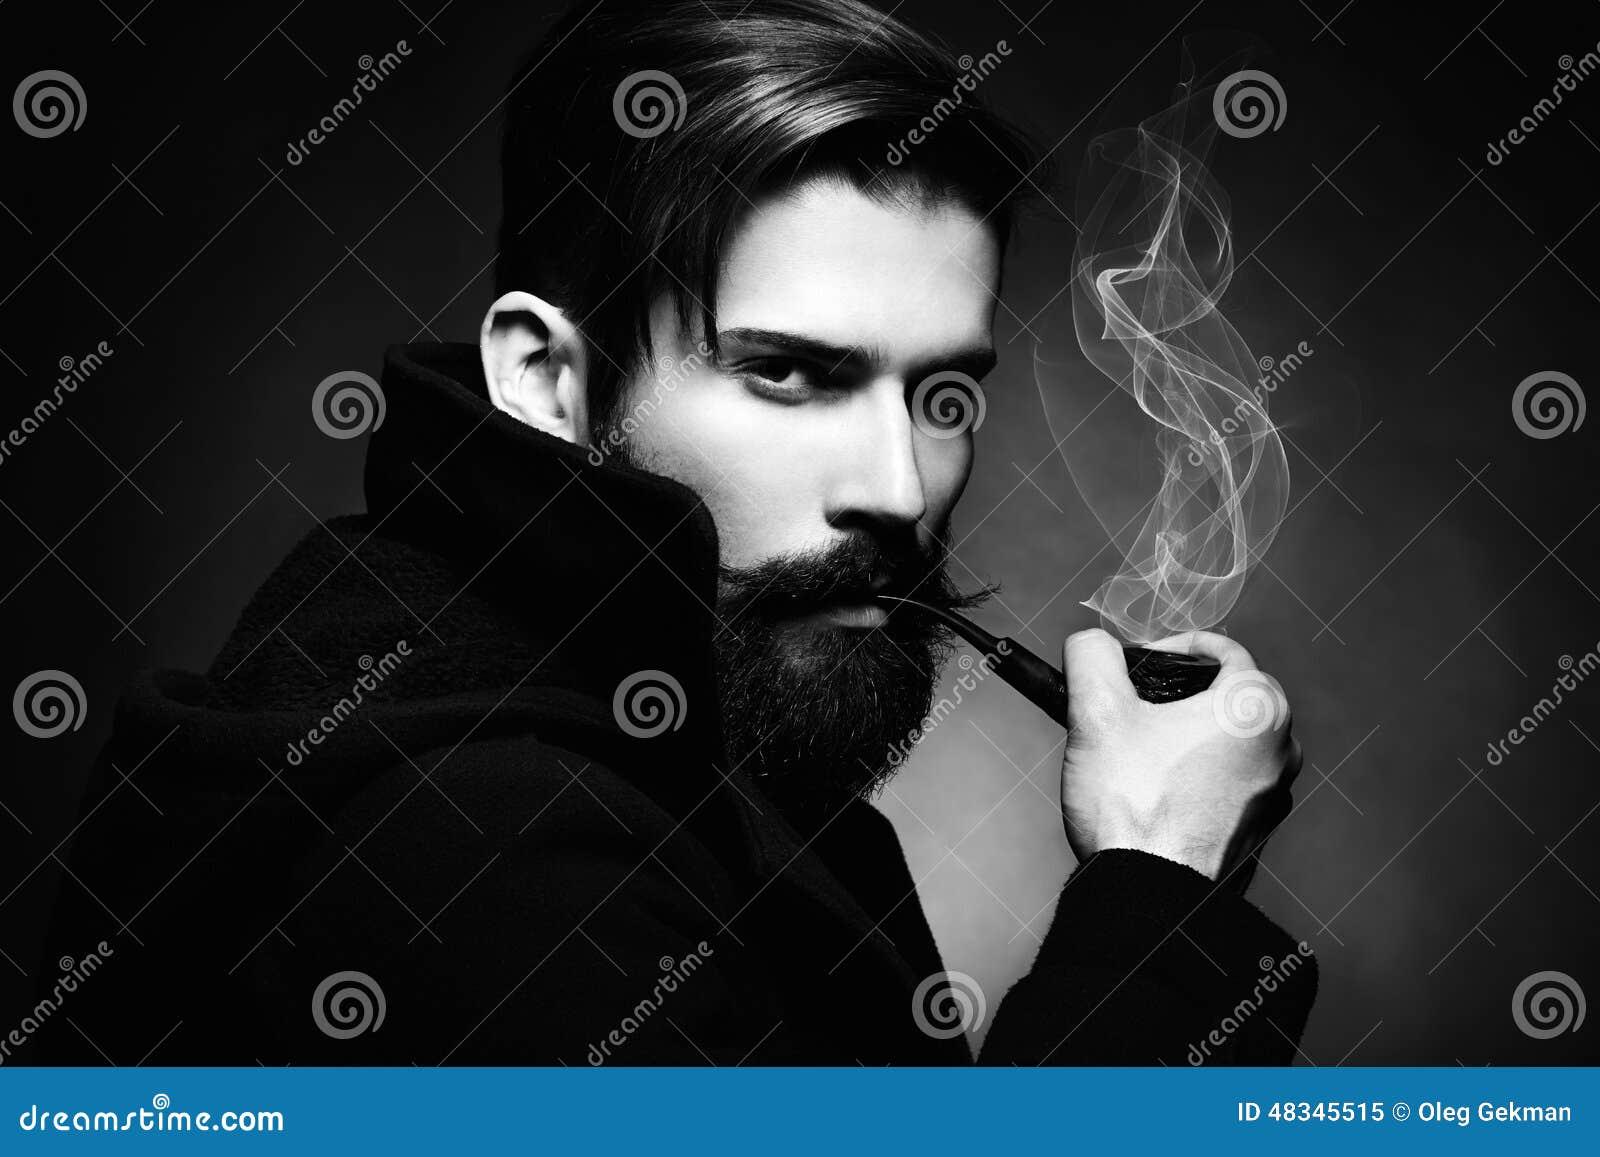 Artistiek donker portret van de jonge mooie man De jonge man